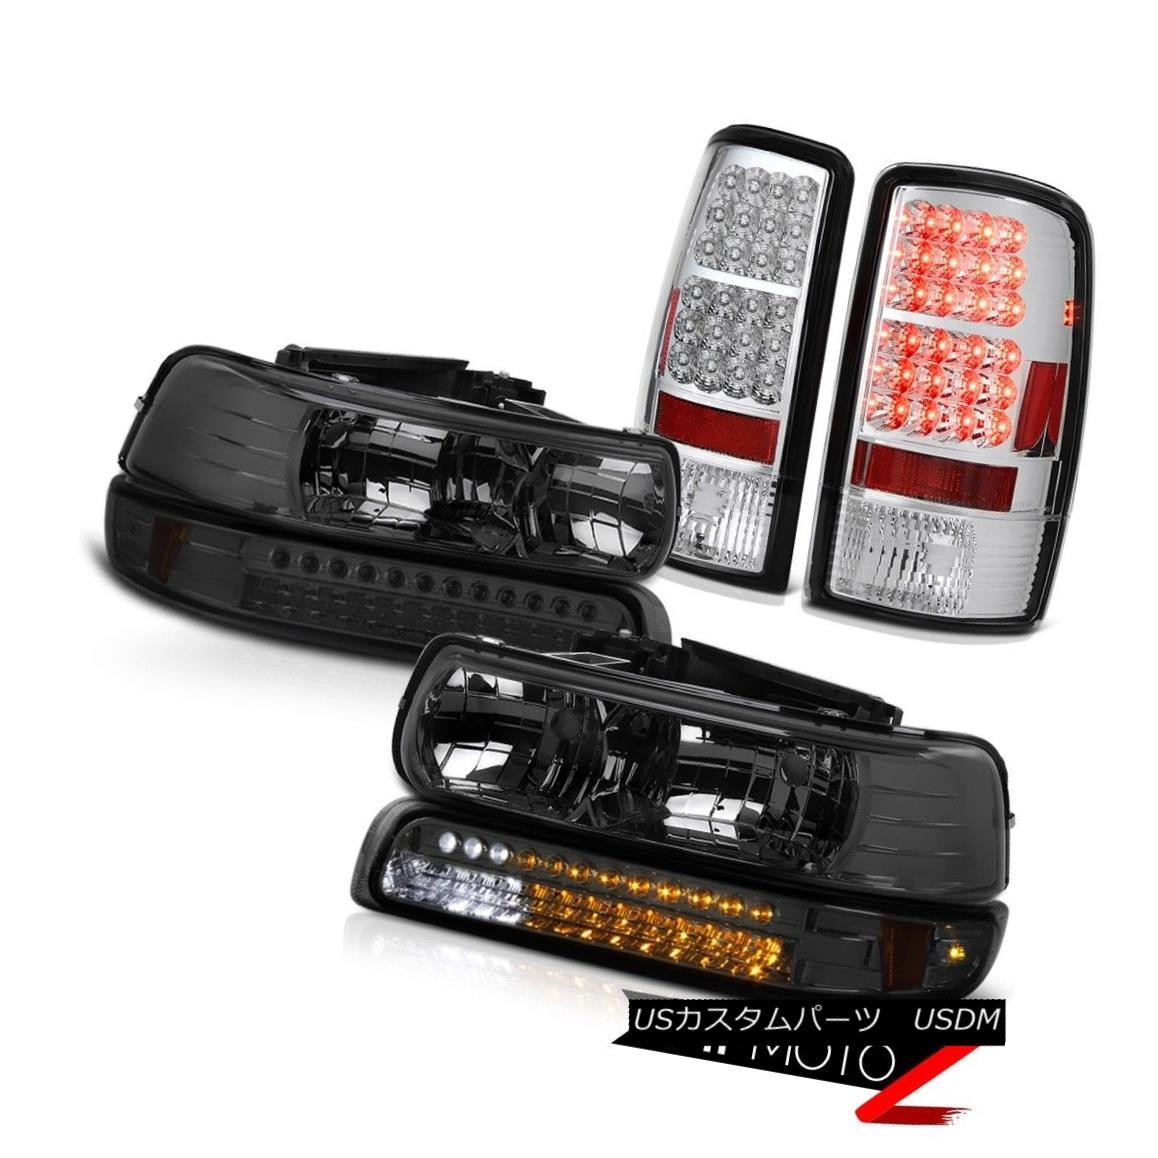 ヘッドライト Left Right Smoke Headlights LED ParkChrome Tail Lights 00-06 Chevy Suburban Left Right SmokeヘッドライトLED ParkChromeテールライト00-06 Chevy Suburban